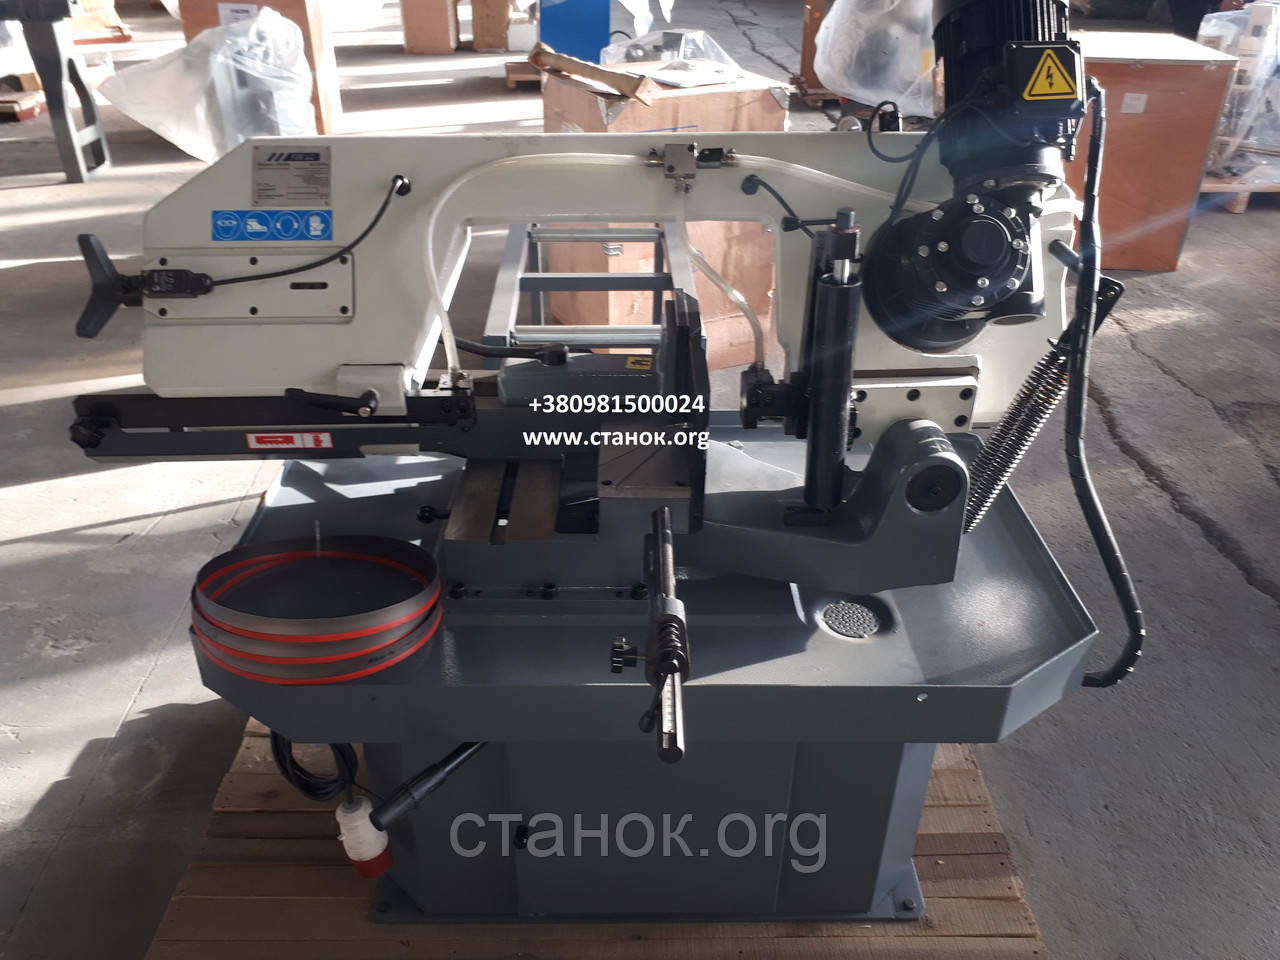 FDB Maschinen SG 250 PRO Ленточная пила Ленточнопильный станок по металлу отрезной фдб сг 250 про